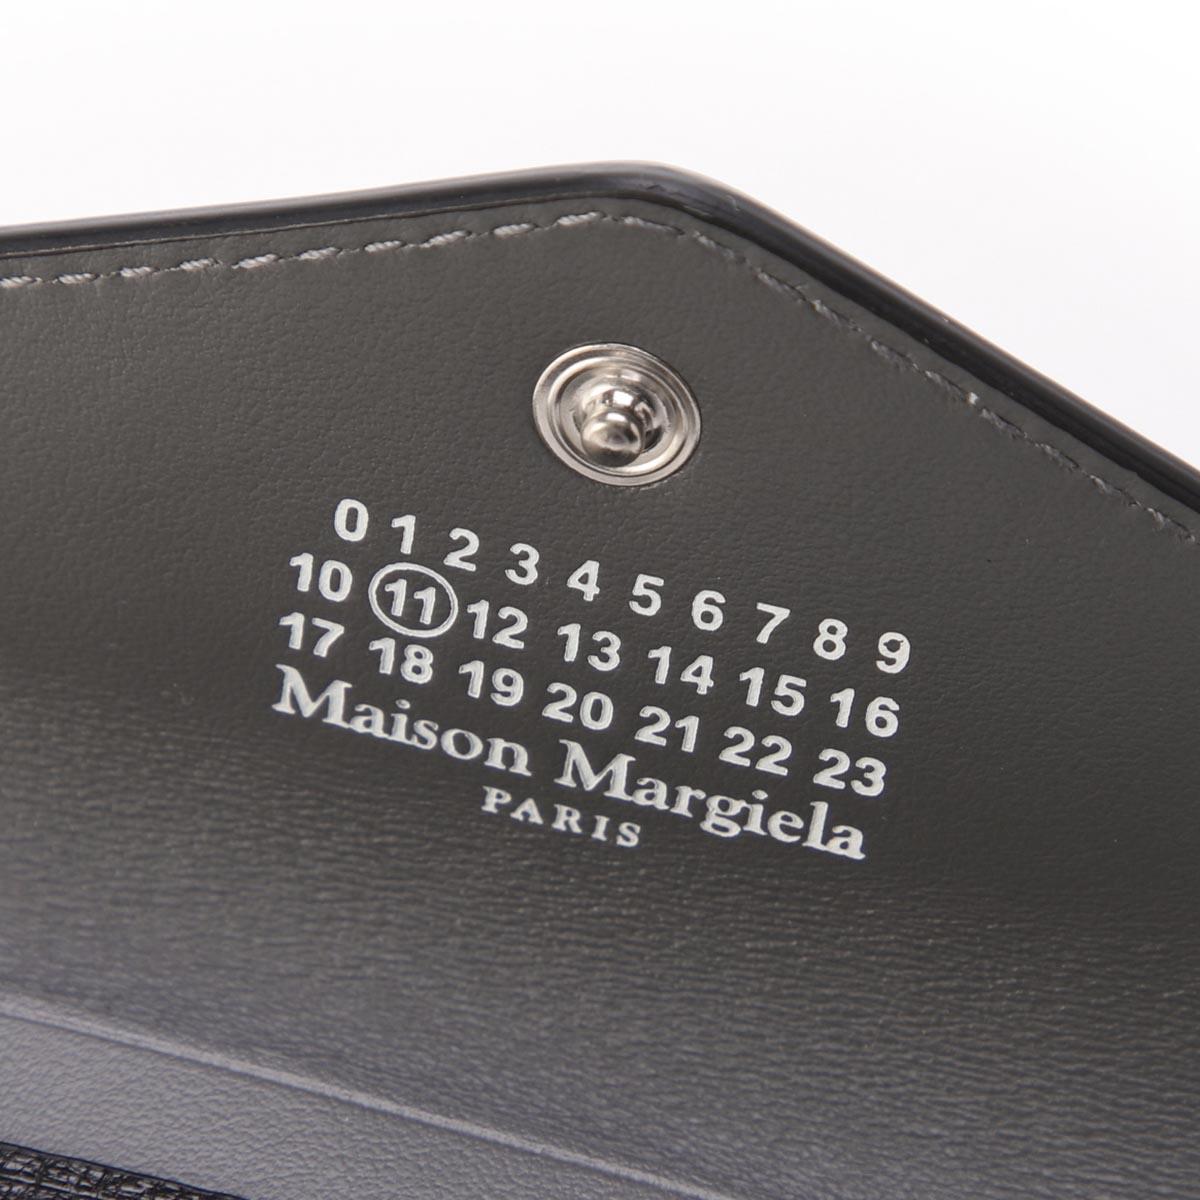 Maison Margiela メゾンマルジェラ カードケース/キーリング ウォレット/11 女性と男性のためのアクセサリーコレクション レディース